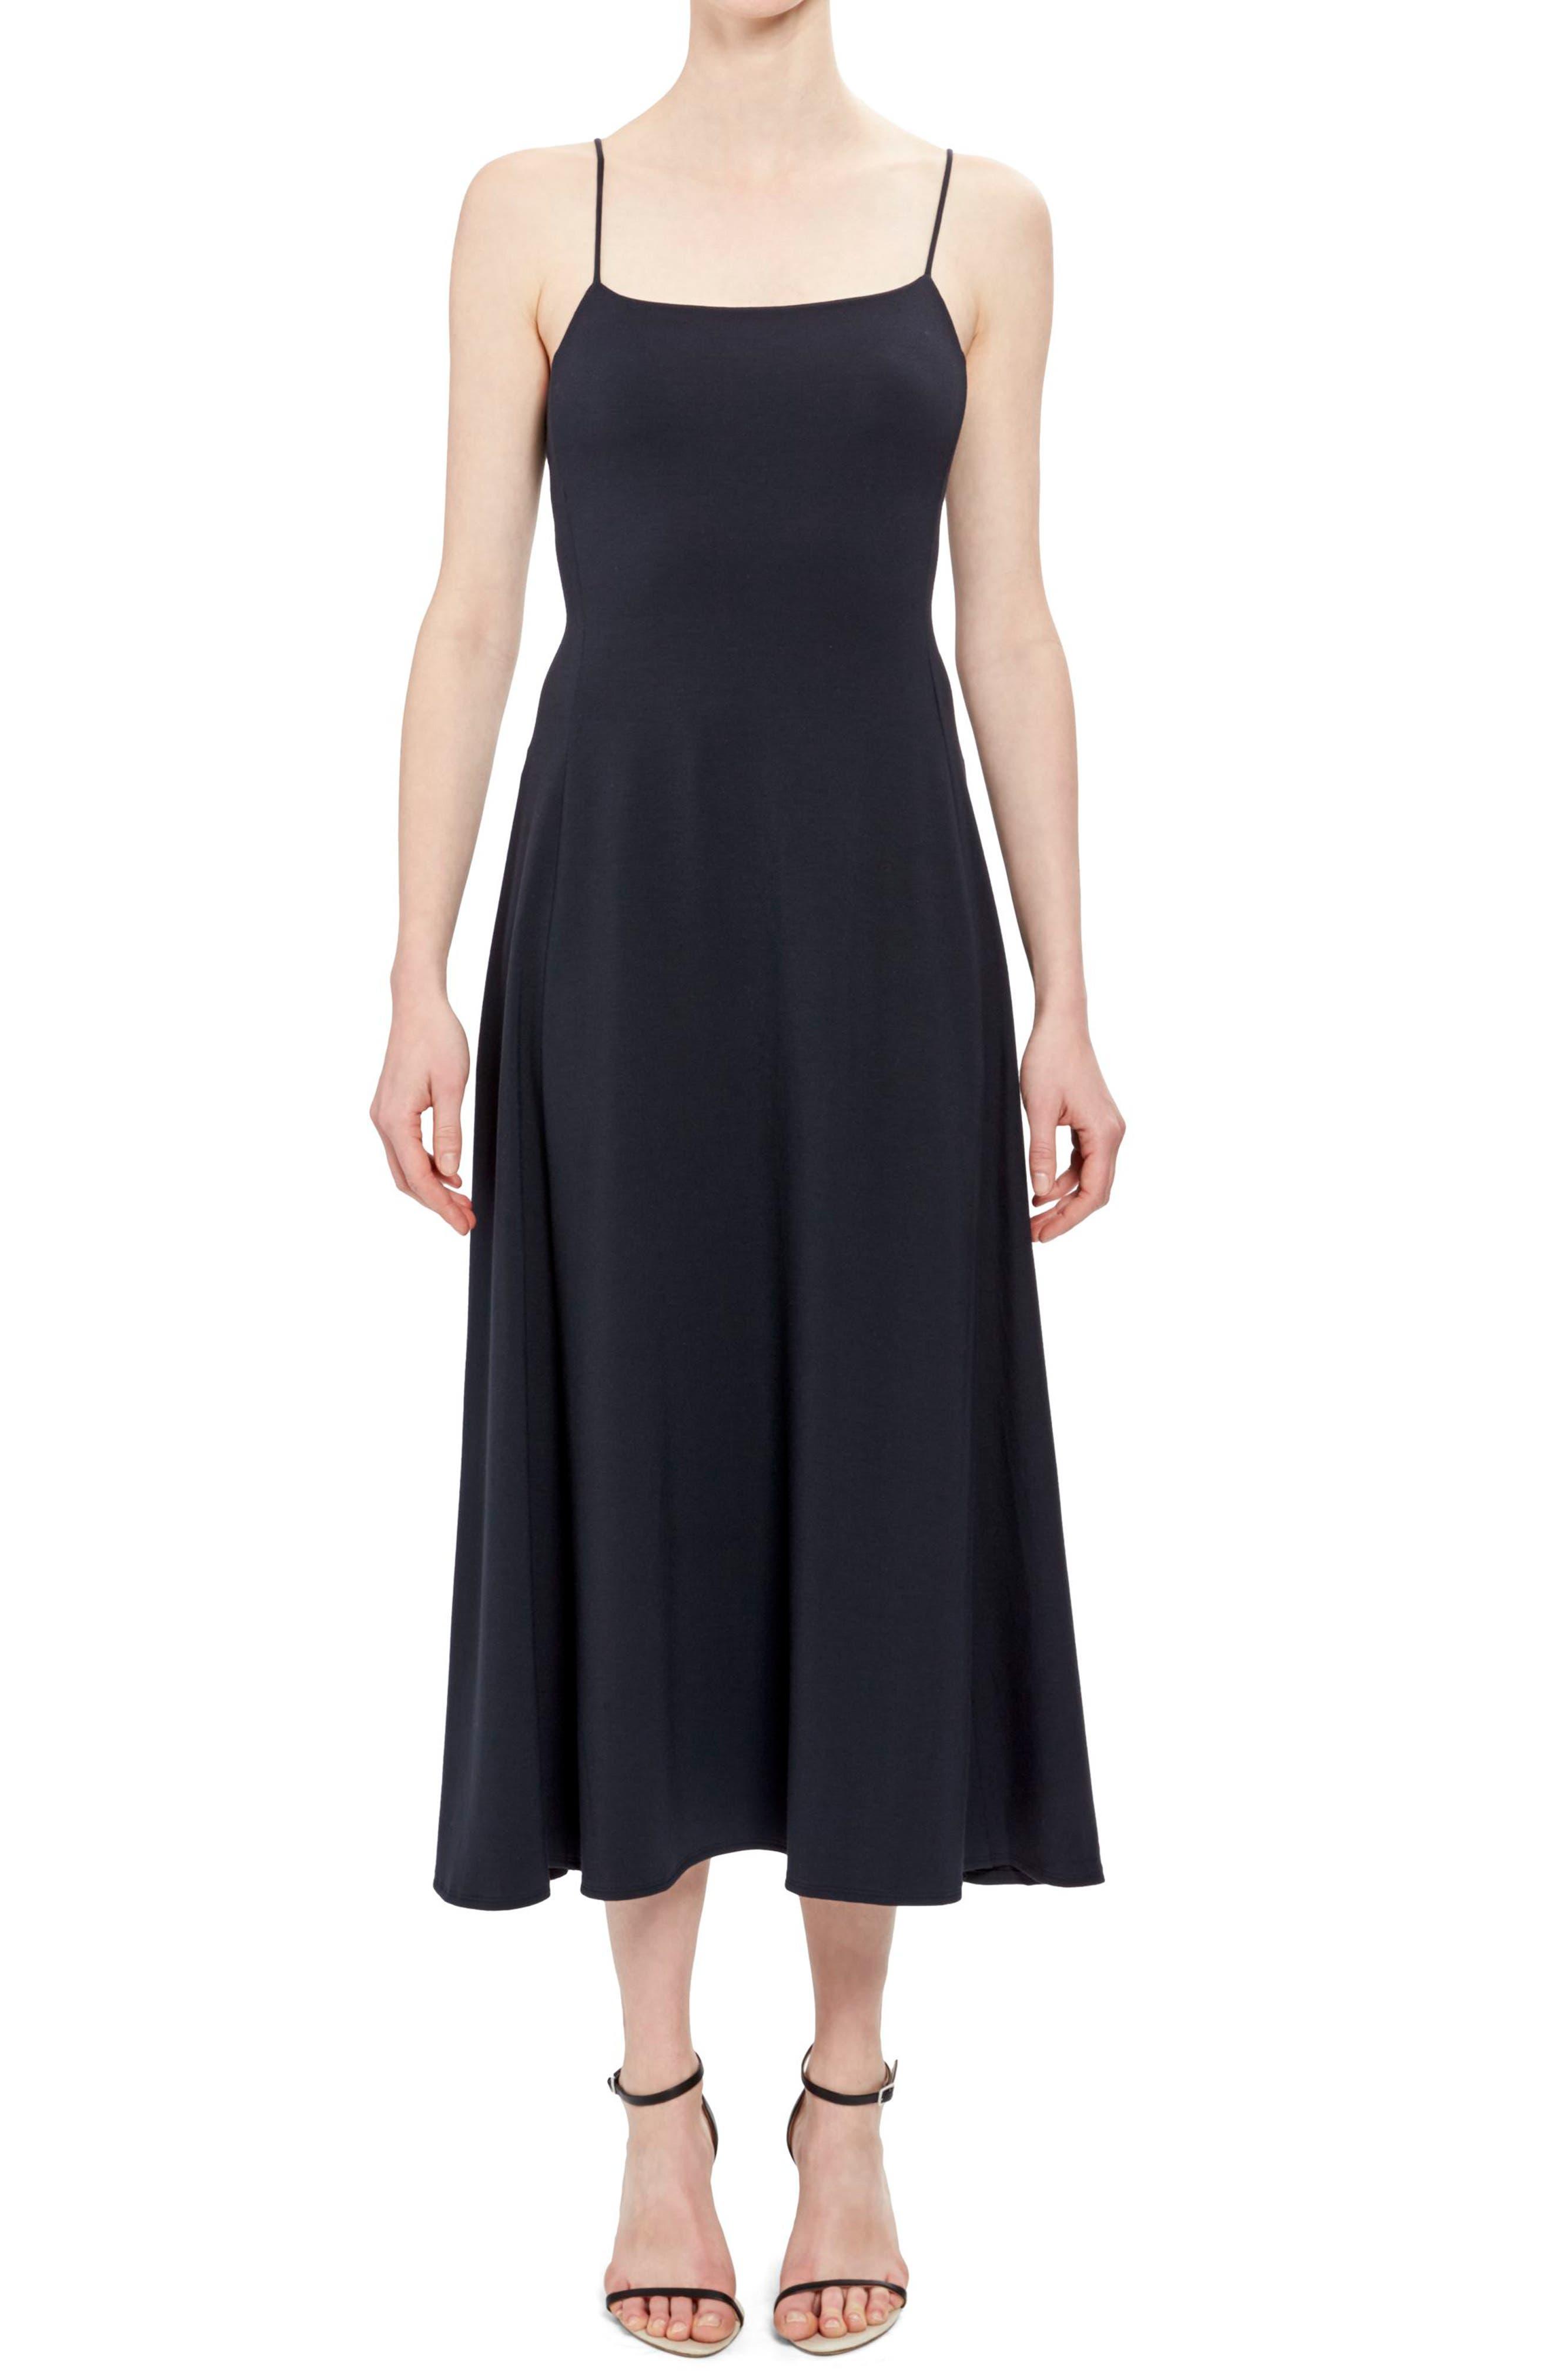 Theory Paneled Tank Midi Dress, Size Petite - Blue